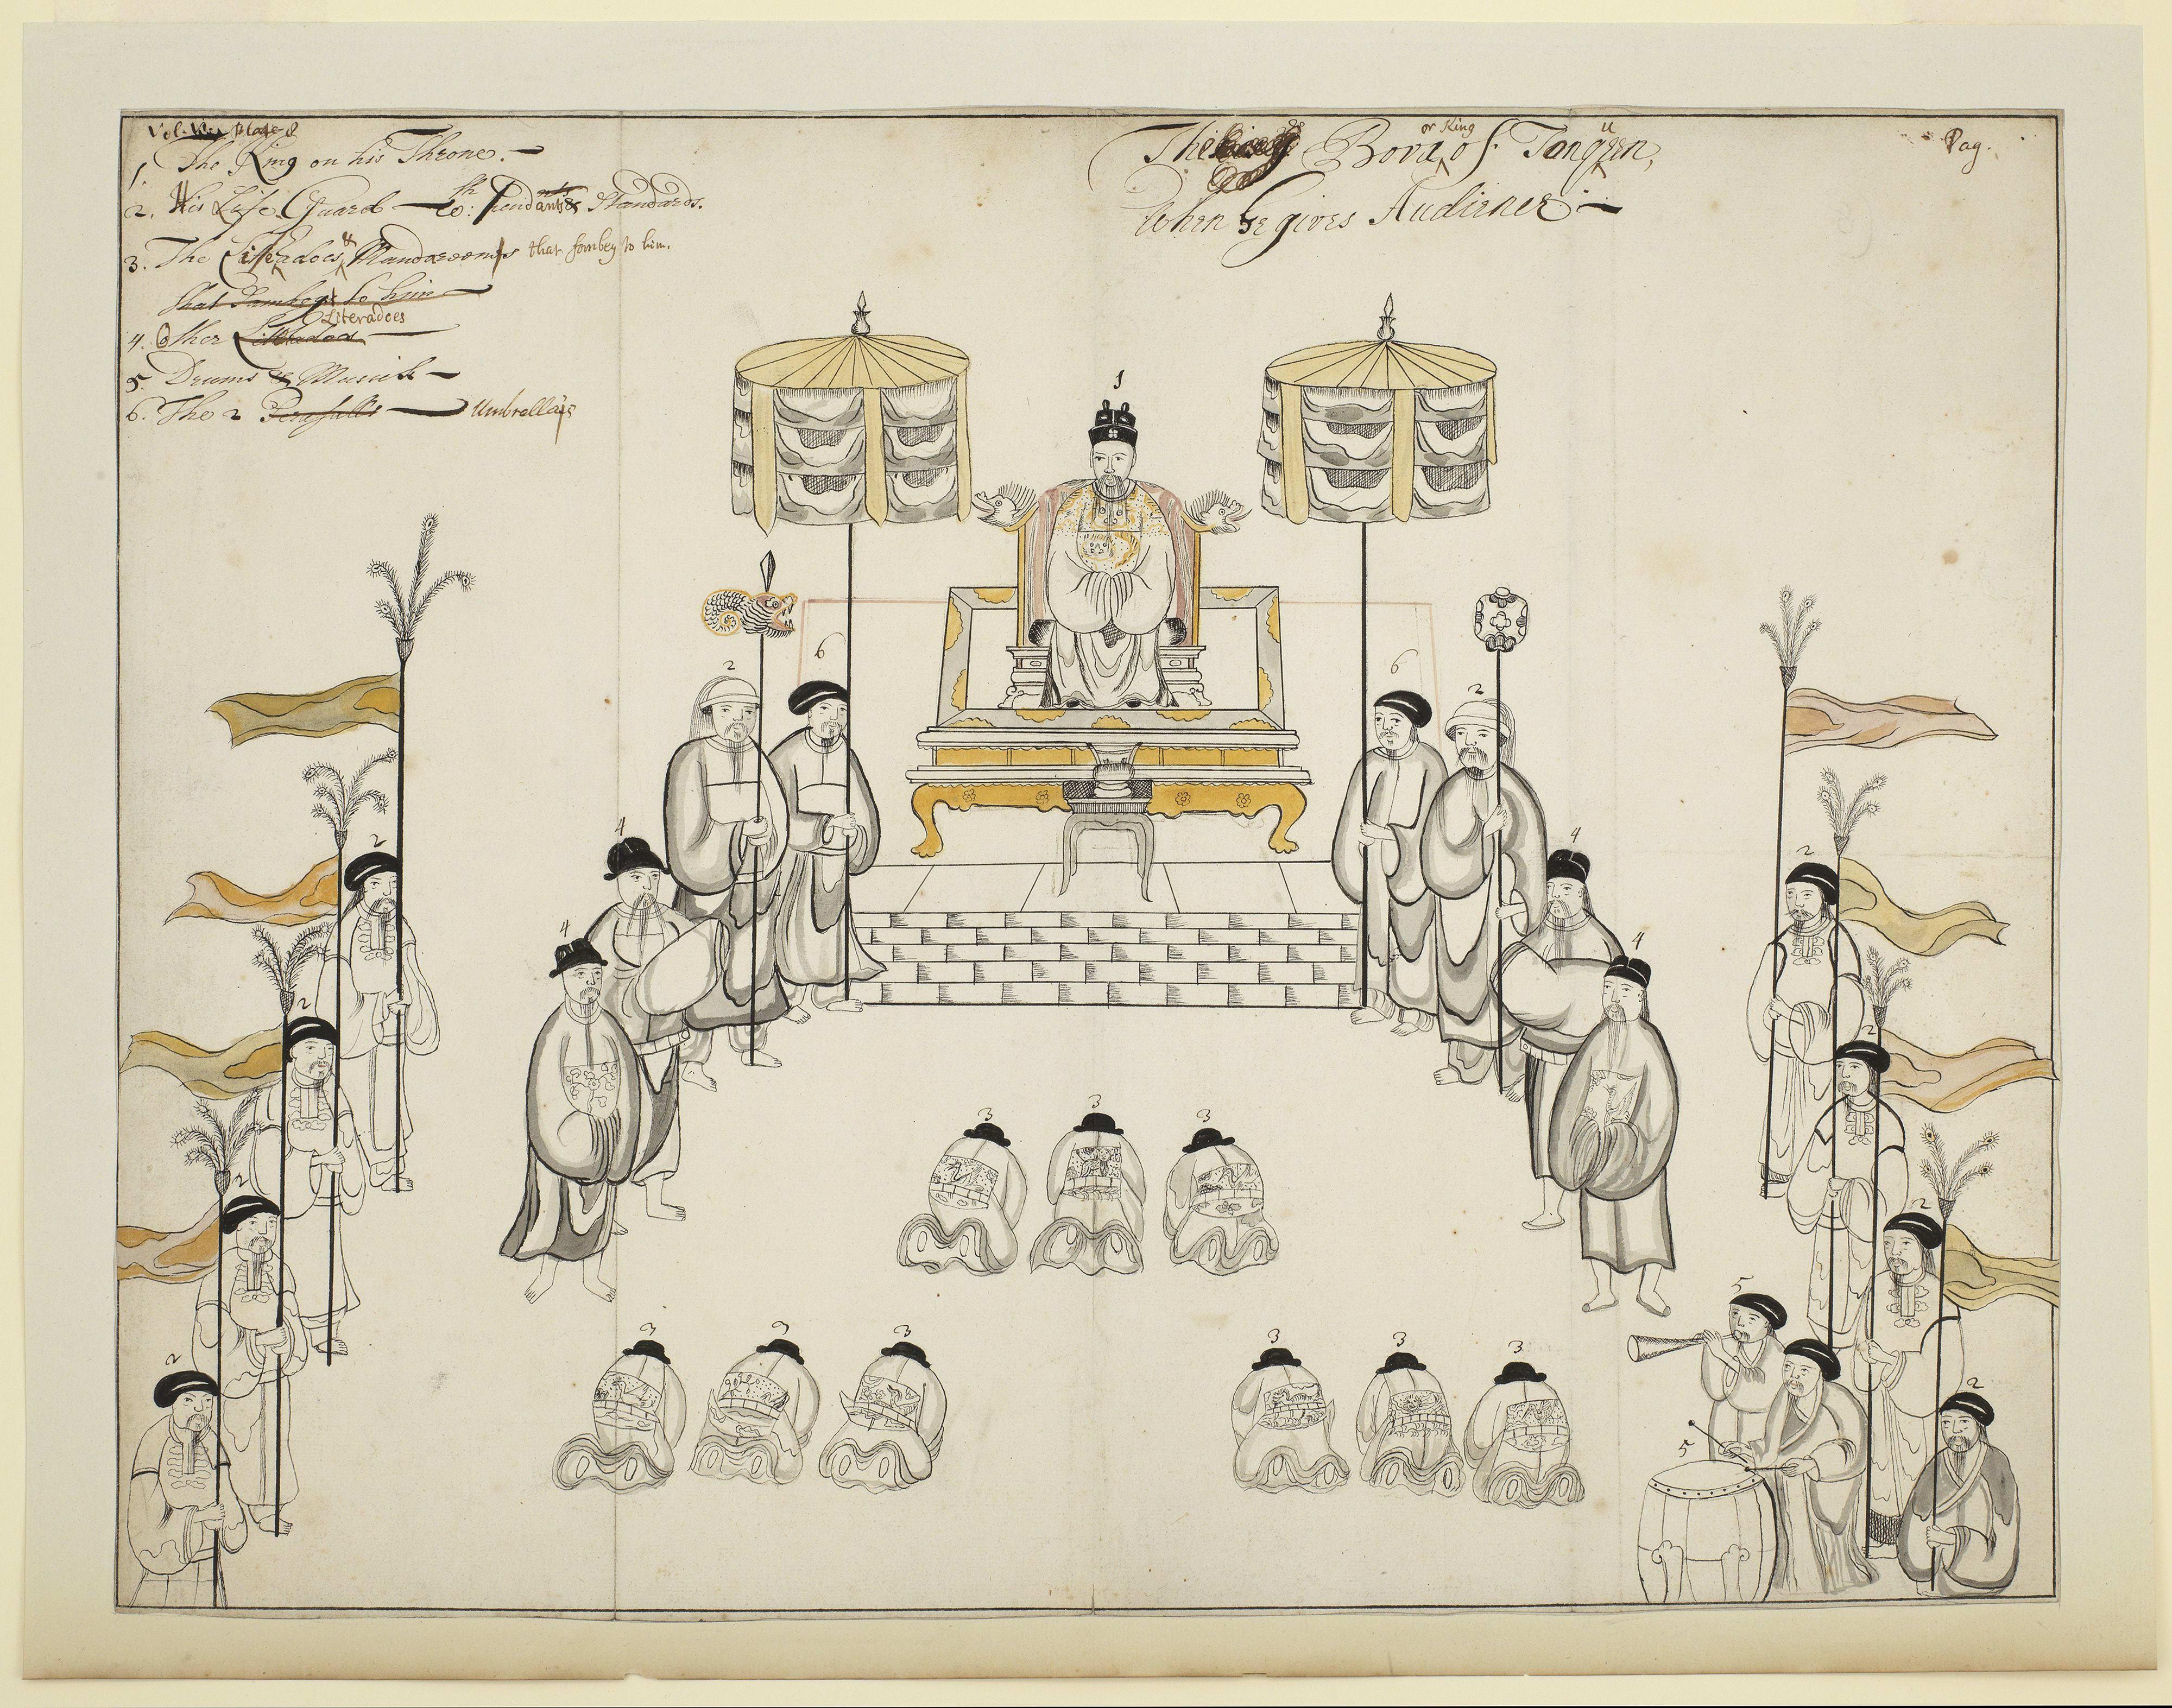 Tranh vẽ cảnh vua Lê thiết triều thế kỷ XVIII của Samuel Baron